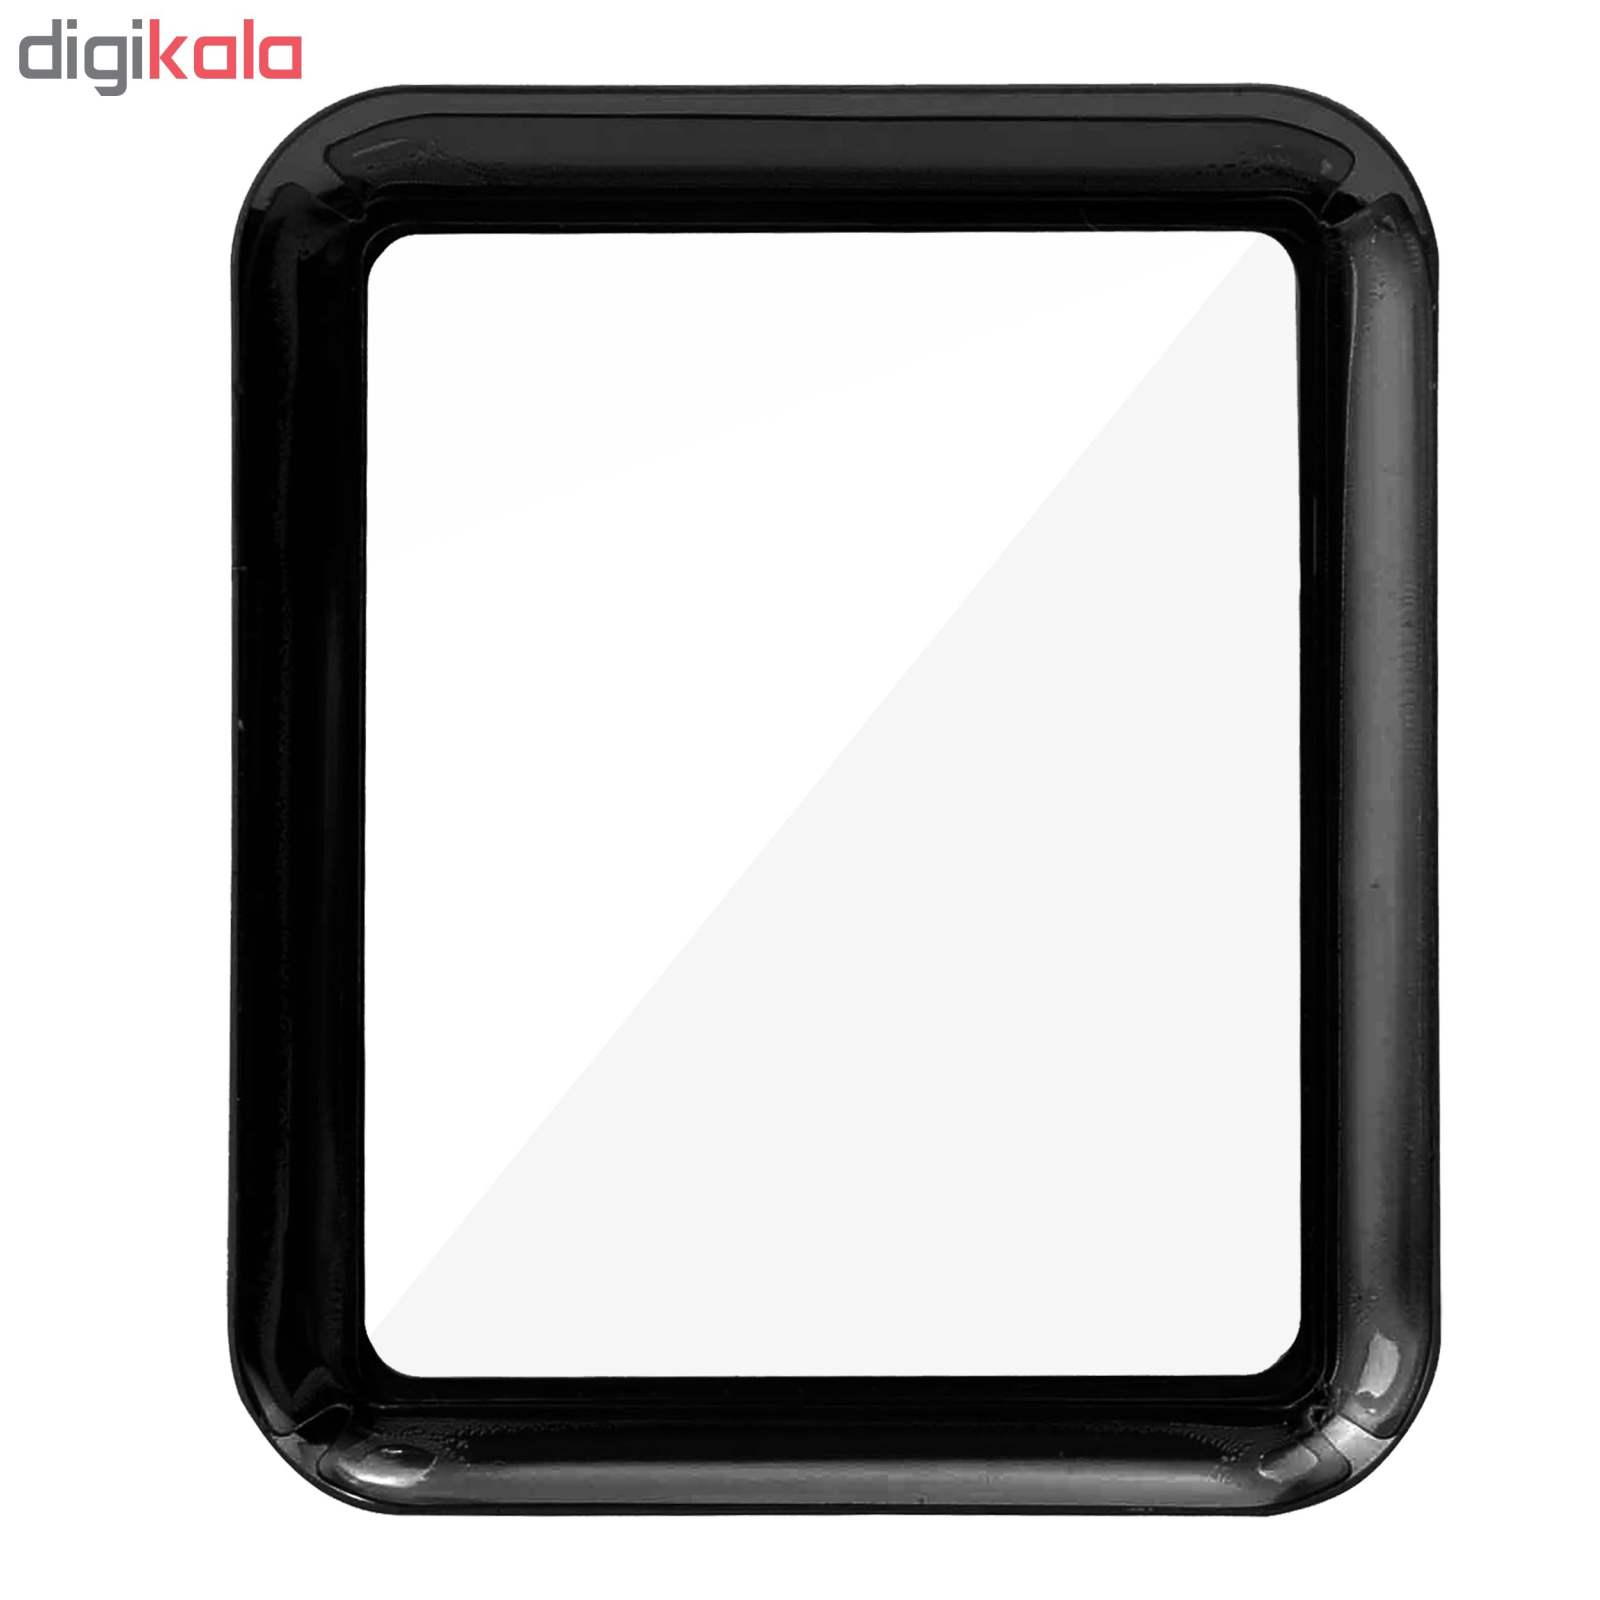 محافظ صفحه نمایش سومگ مدل TG3مناسب برای اپل واچ 38 میلی متری main 1 1